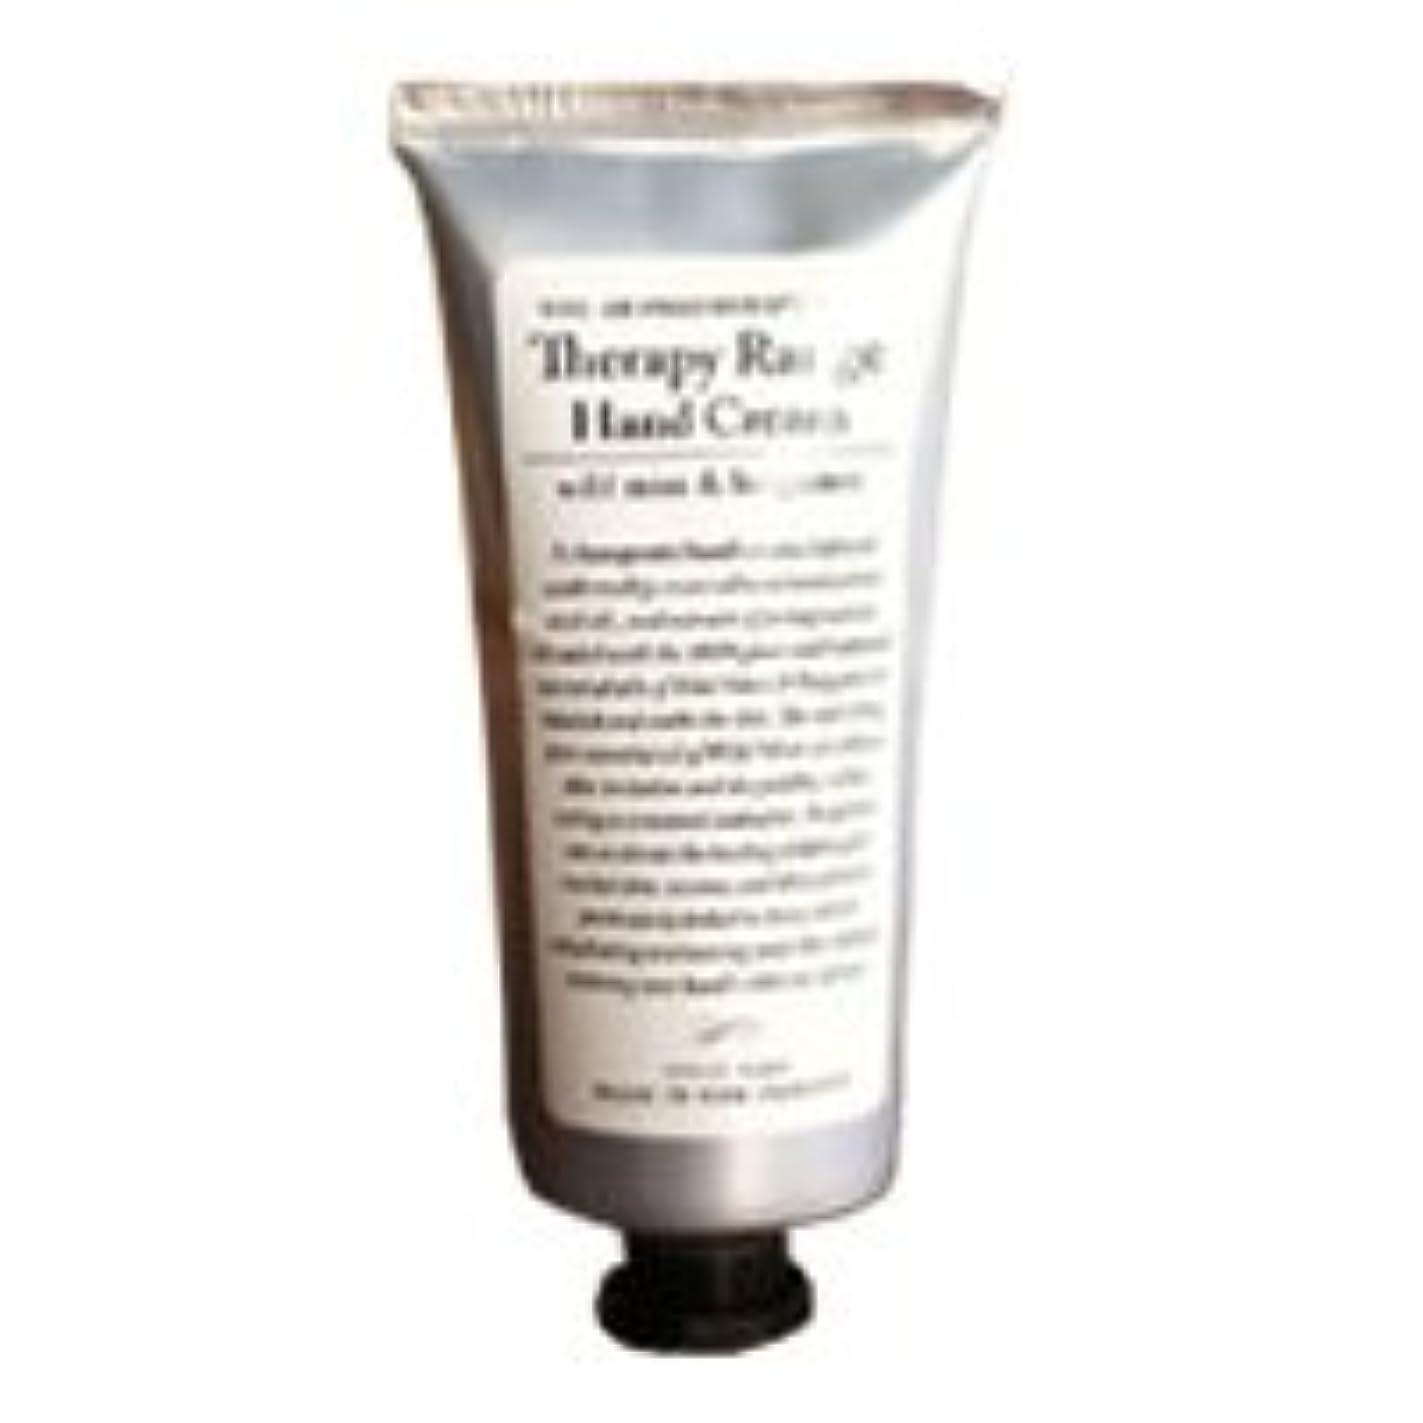 エンゲージメントチャップ振るうTherapy Range(セラピーレンジ) Nourishiing Hand Cream ハンドクリーム ワンサイズ ワイルドミント&ベルガモット